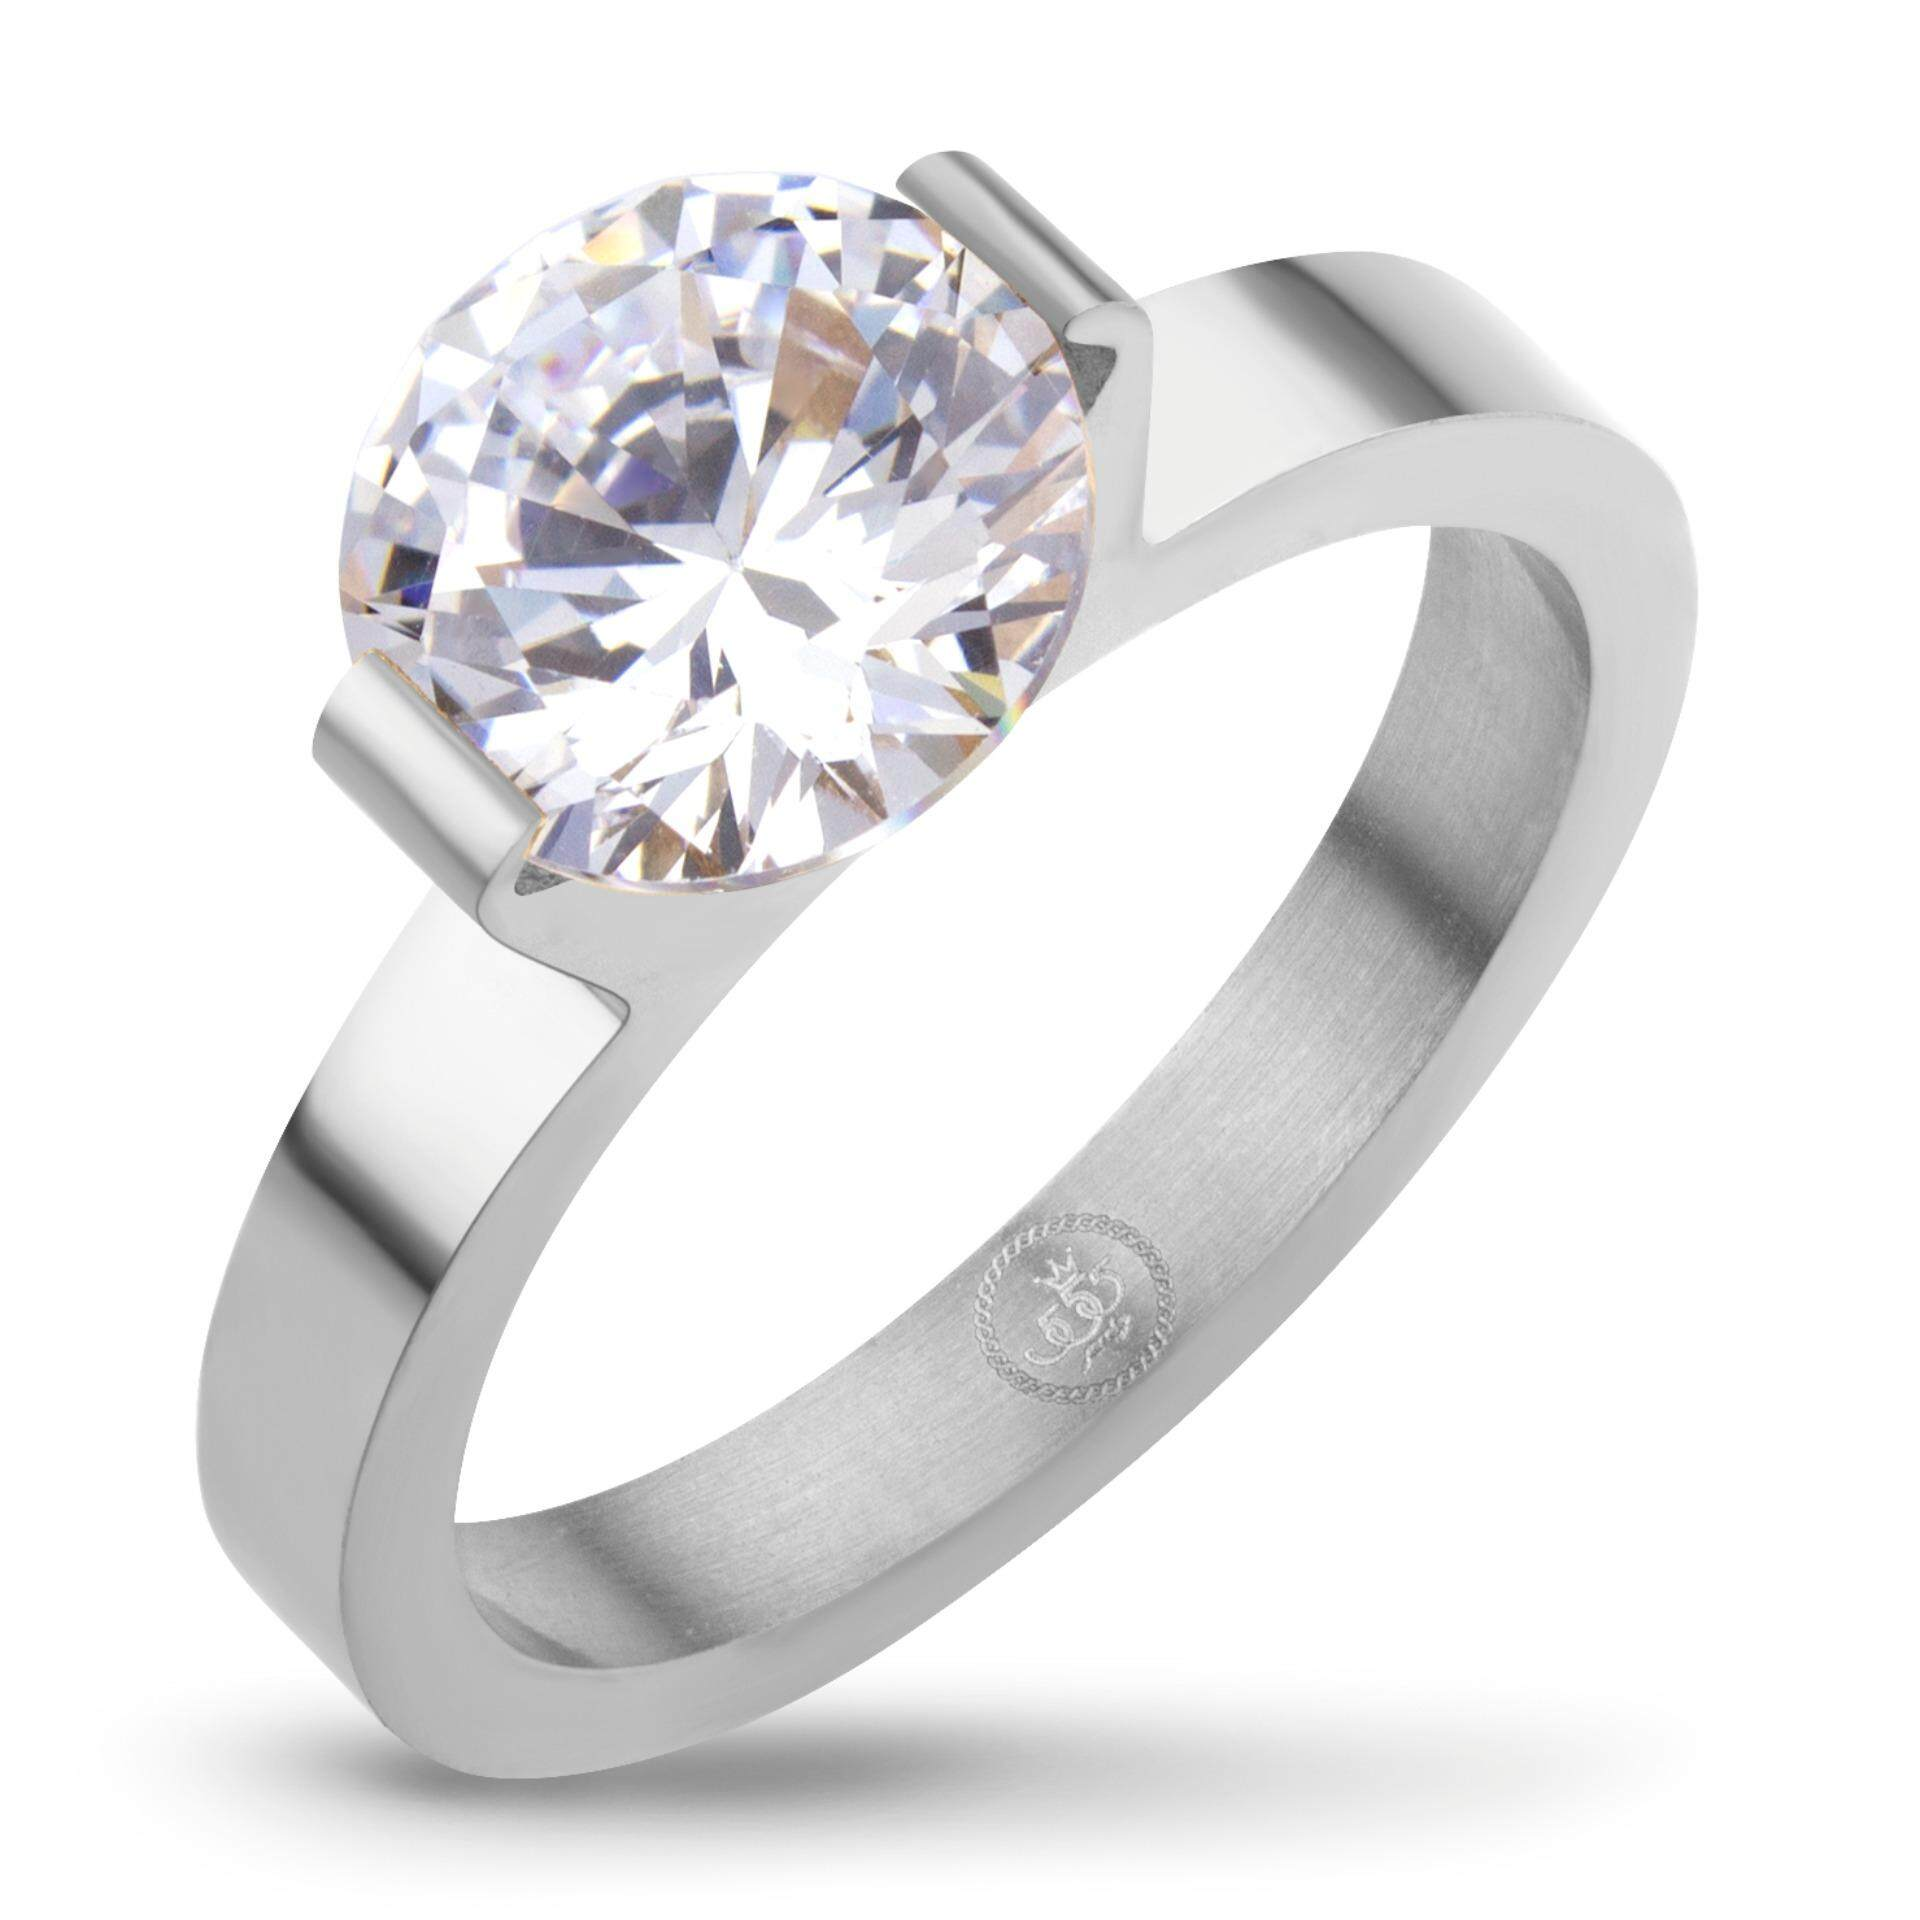 ขาย 555Jewelry เครื่องประดับ ผู้หญิง แหวน สแตนเลสสตีล แหวนน่ารักประดับ Cz สีขาวตัวเรือน สี สตีลเงิน รุ่น Mnc R674 A 555Jewelry